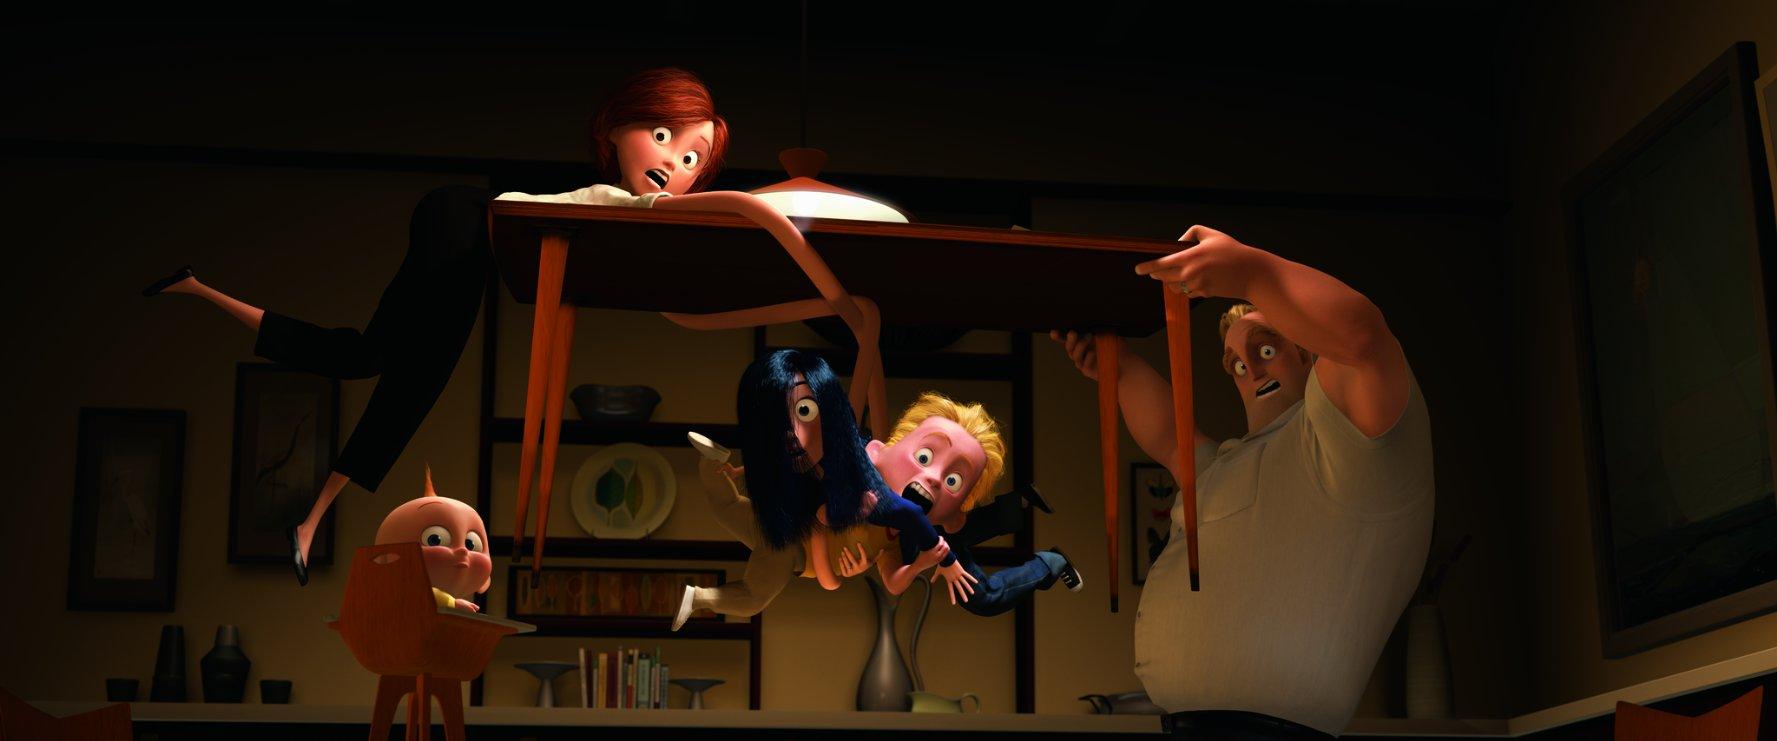 Najlepsze filmy animowane XXI wieku